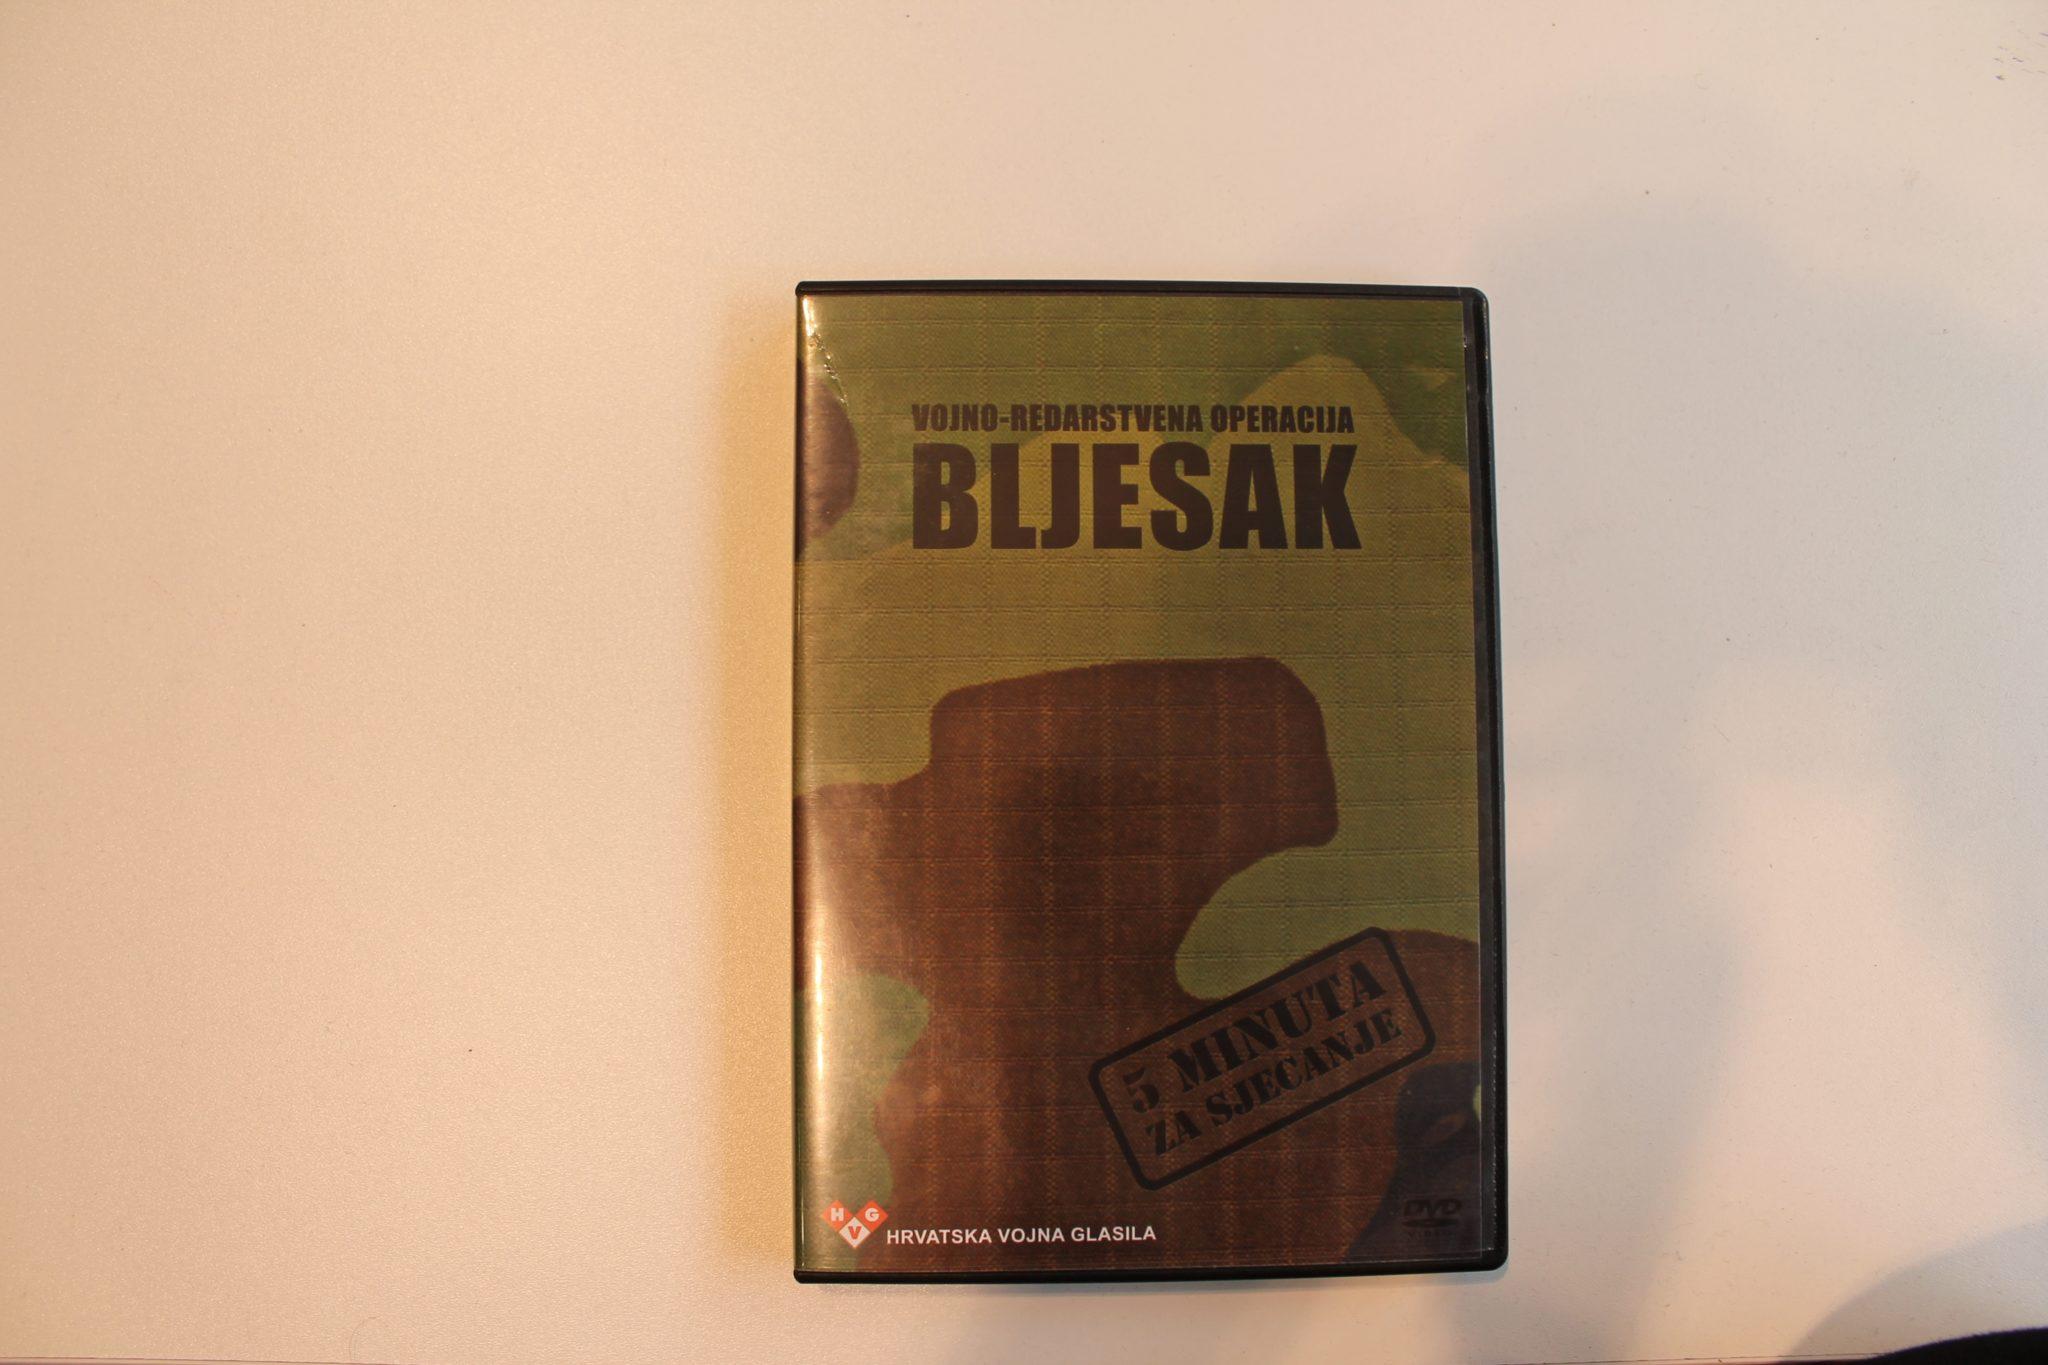 DVD - BLJESAK, 5 MINUTA ZA SJEĆANJE